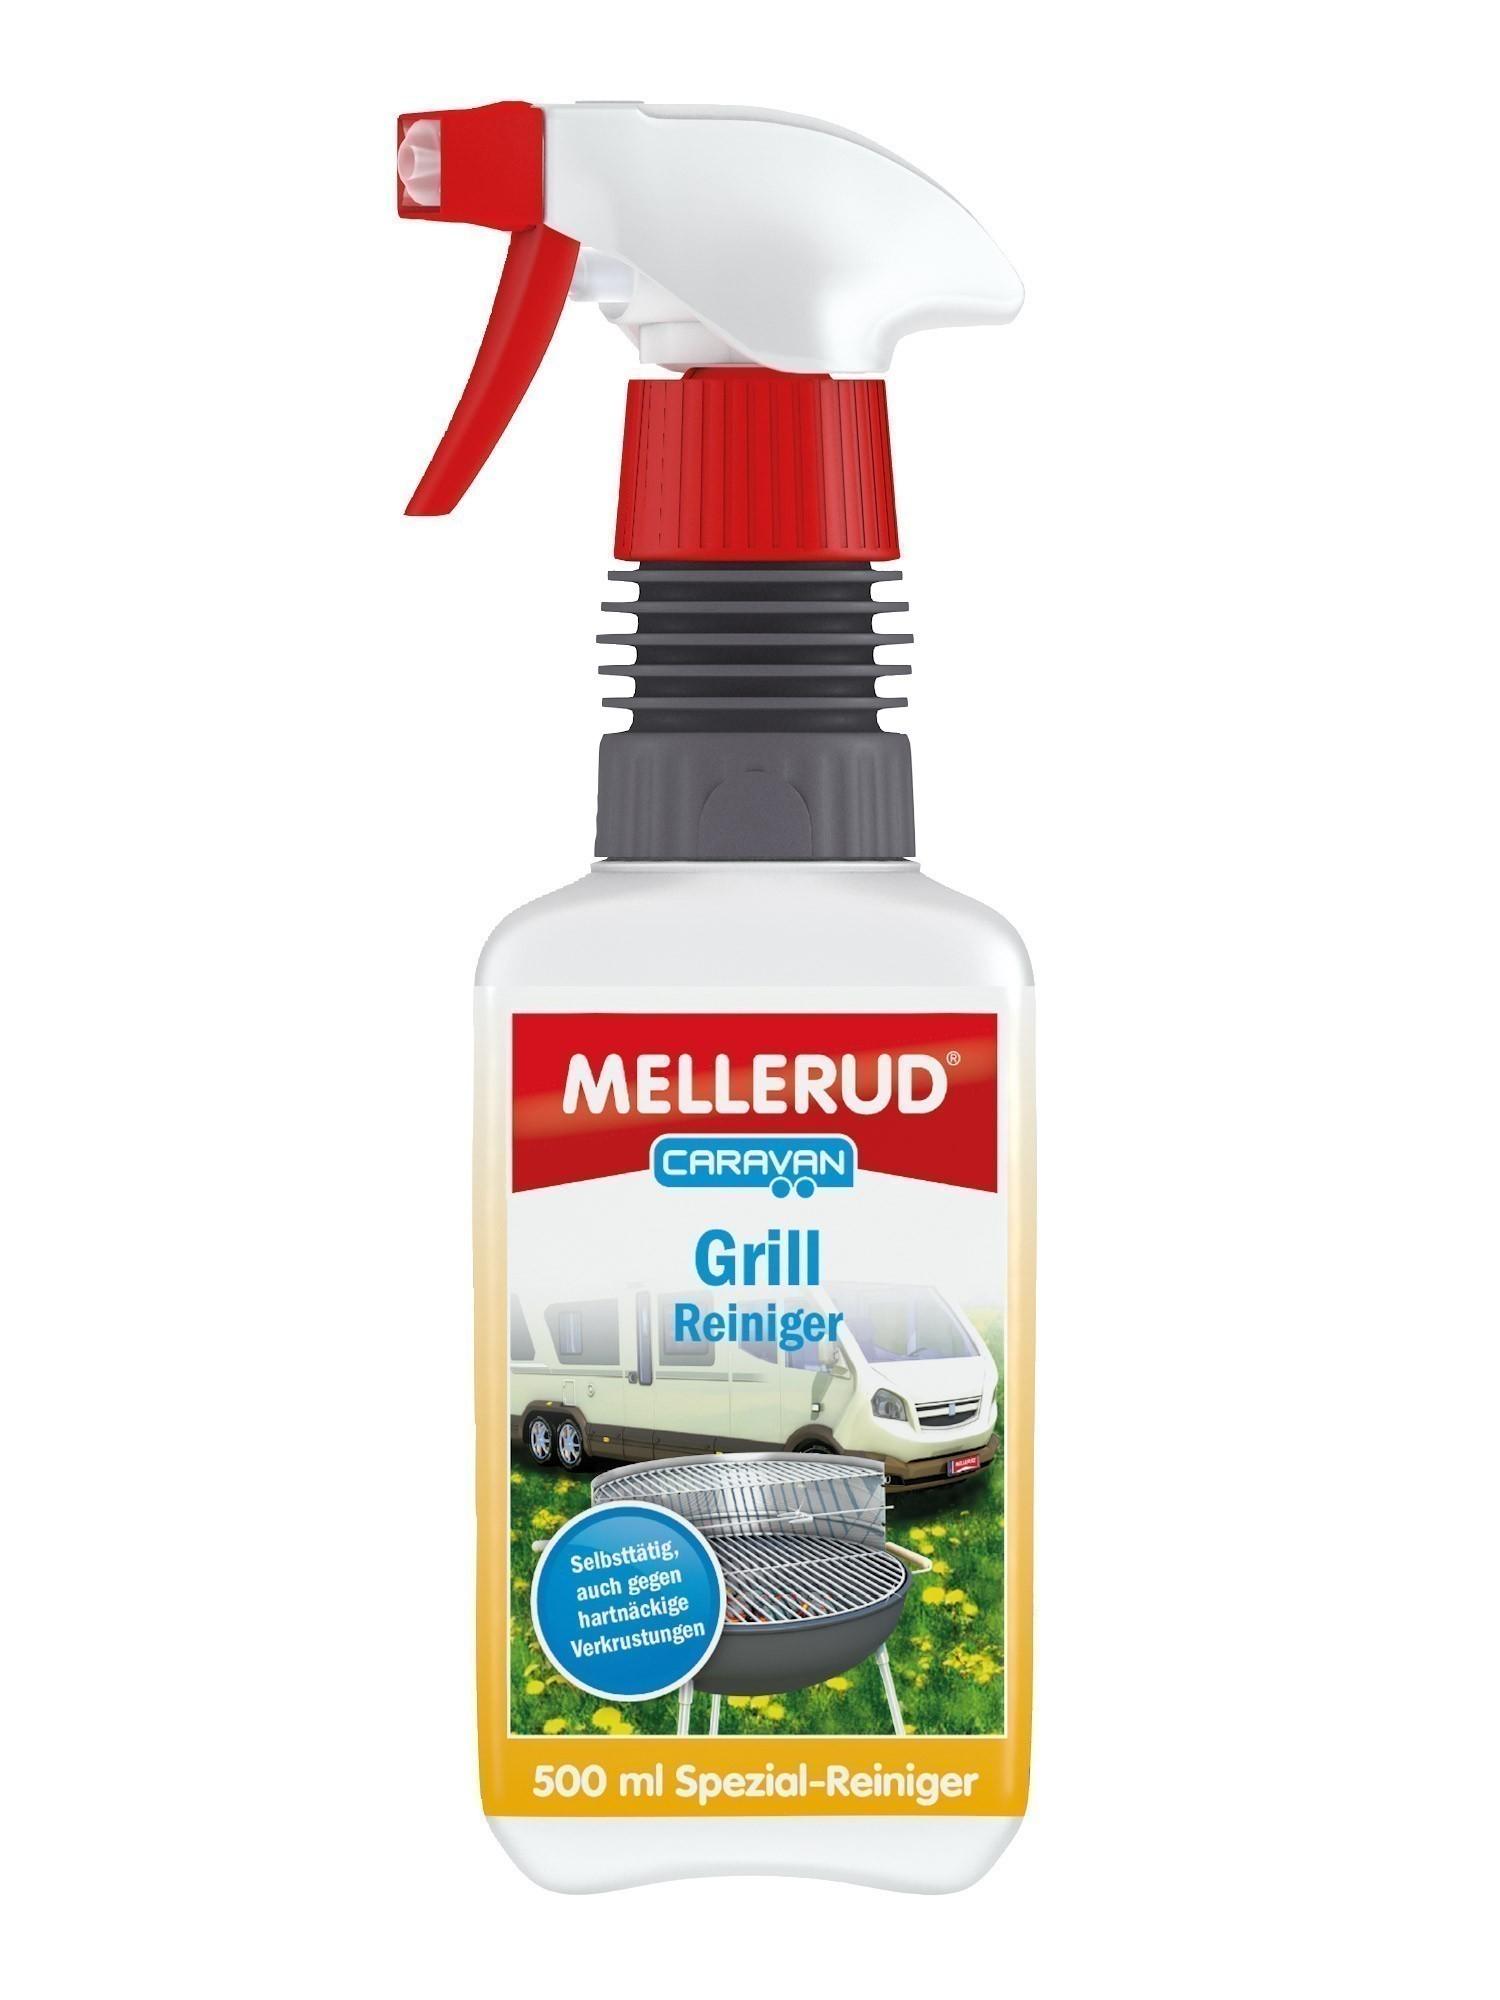 MELLERUD Caravan Grillreiniger 0,5 Liter Bild 1